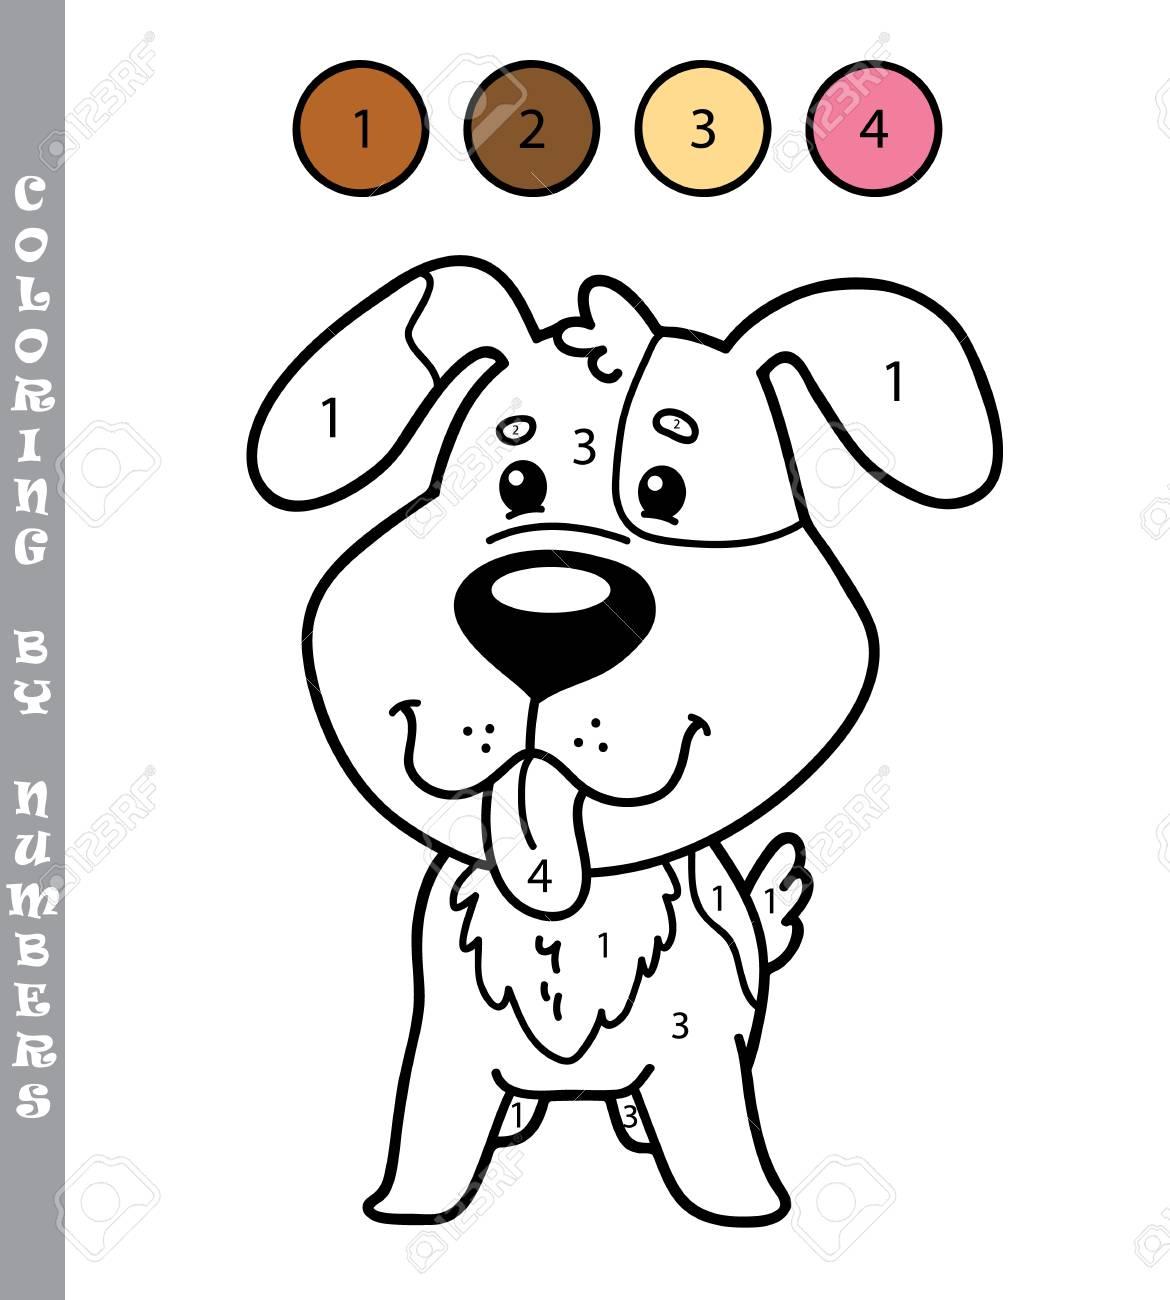 Ilustración Vectorial Para Colorear Por Números Juego Educativo Con El Perro De Dibujos Animados Para Los Niños